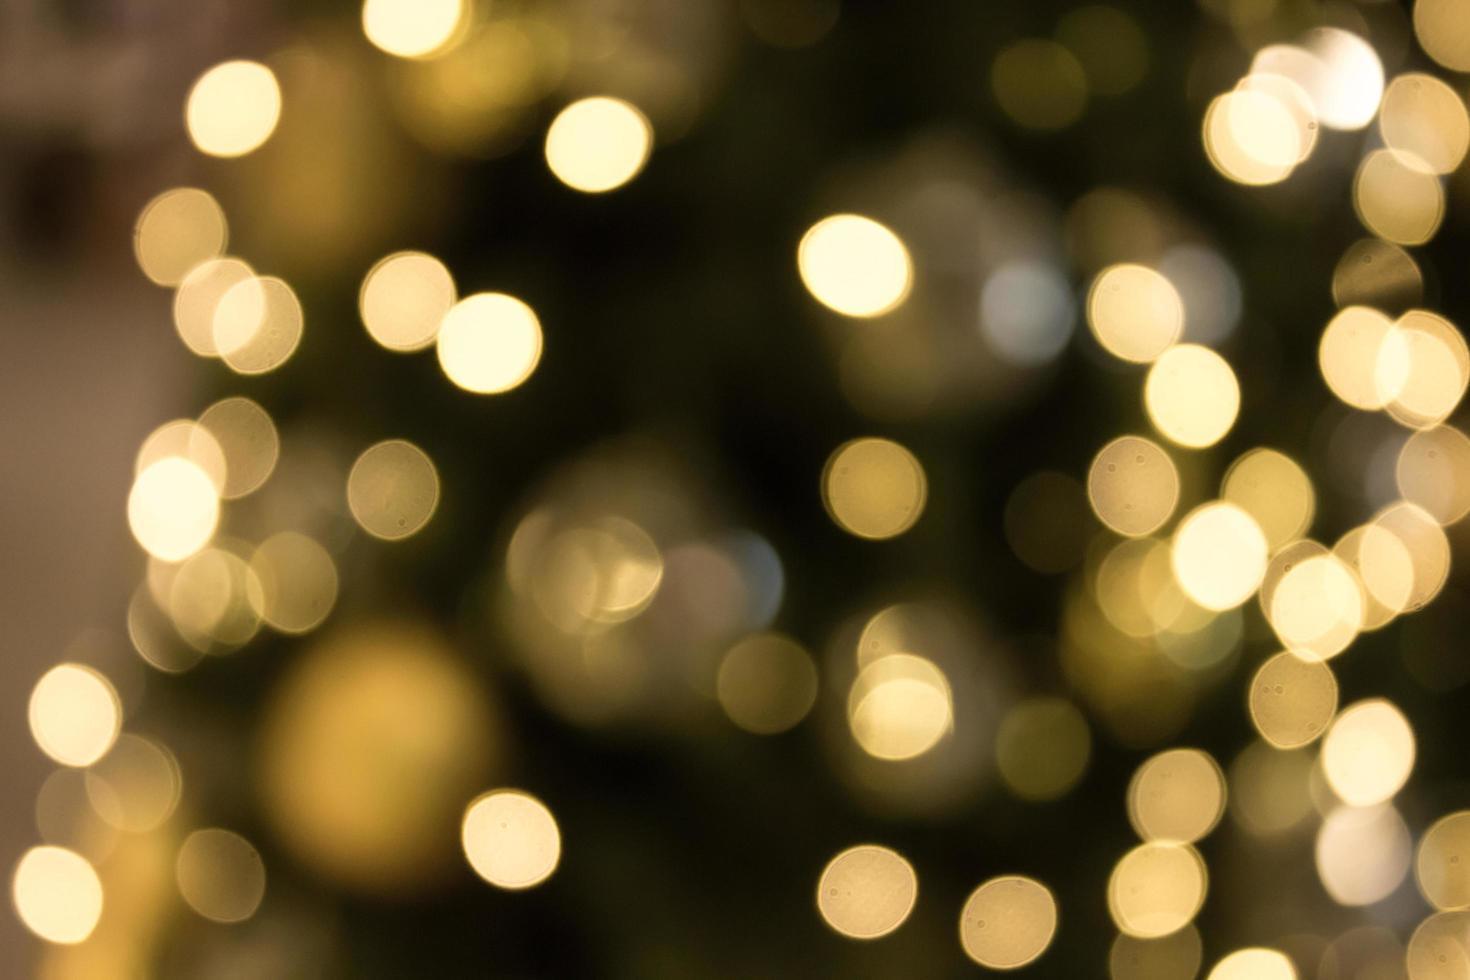 Weihnachten mit Gold Bokeh Licht Hintergrund foto